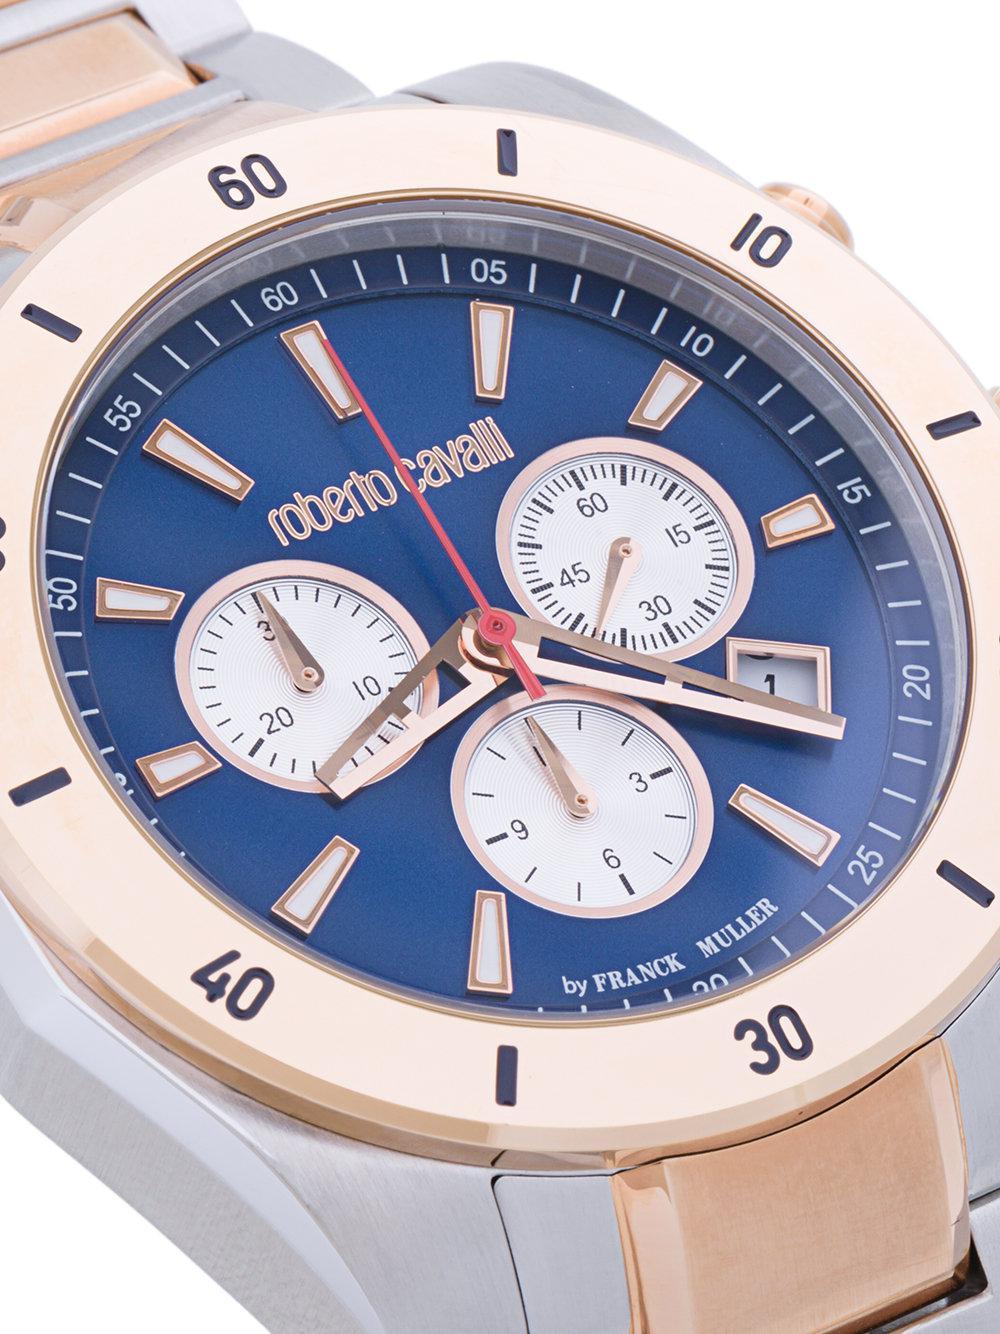 a9fee00cb532 Reloj con cronógrafo Franck Muller Roberto Cavalli de hombre de ...